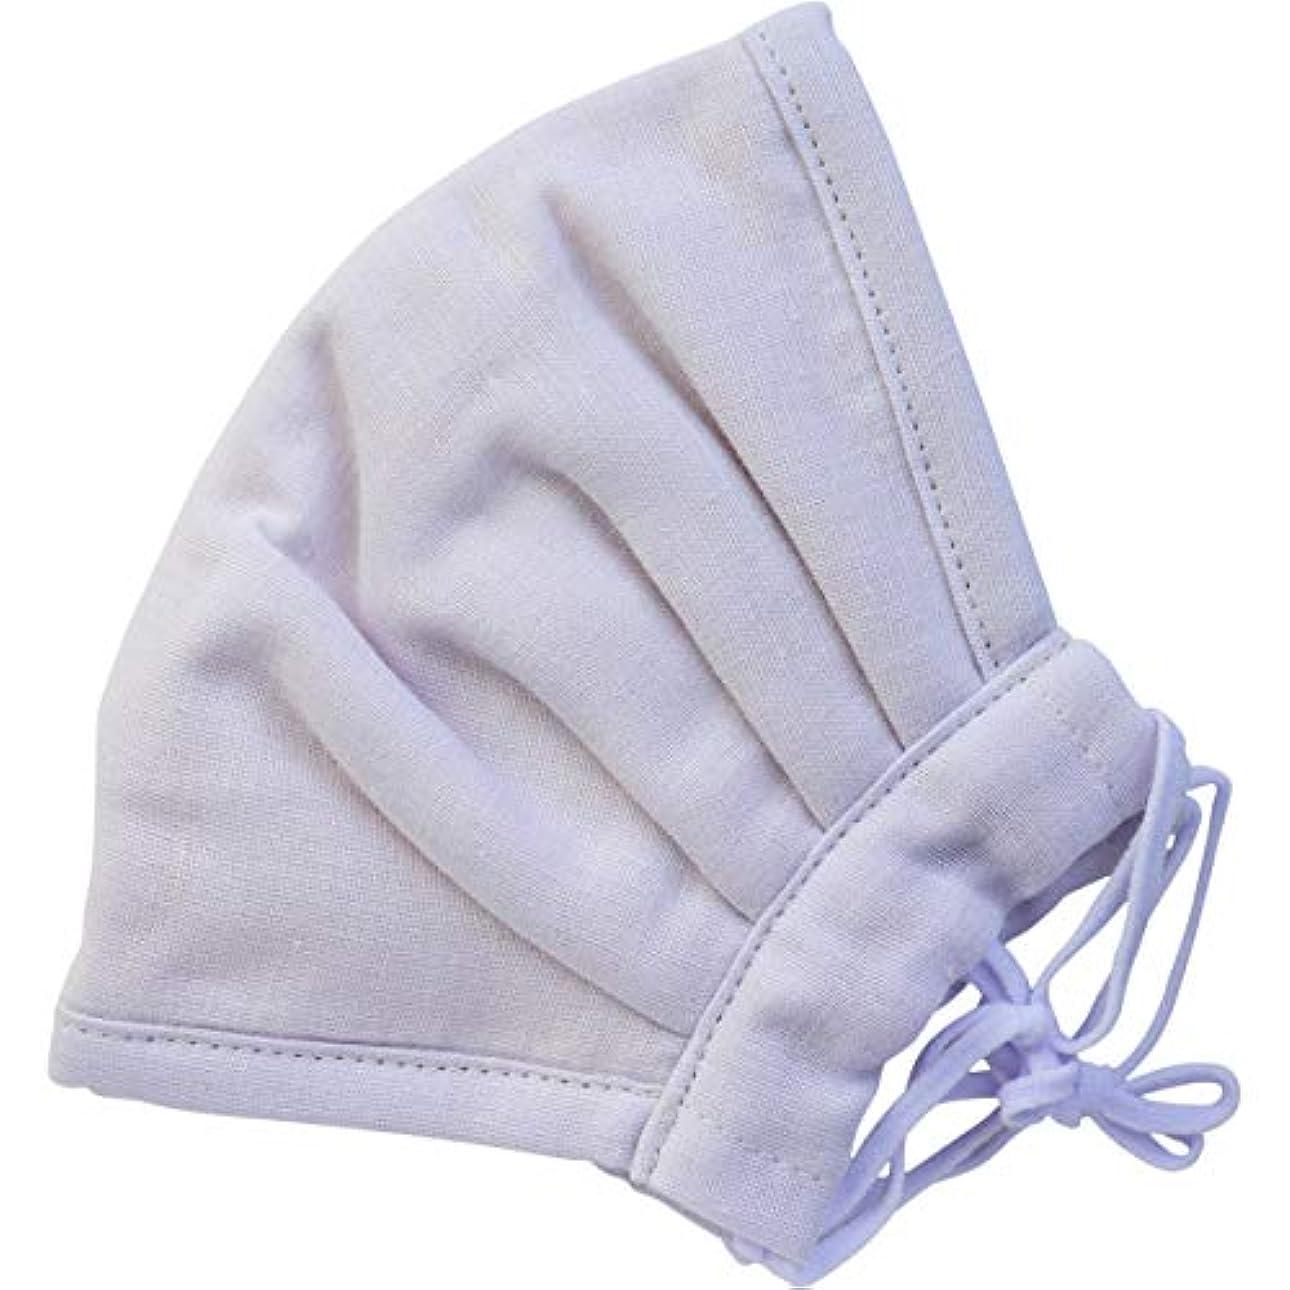 デュアルコンピューター哲学博士ふわふわマスク 今治産タオル 超敏感肌用 パープル ゆったり大きめサイズ 1枚入×10個セット